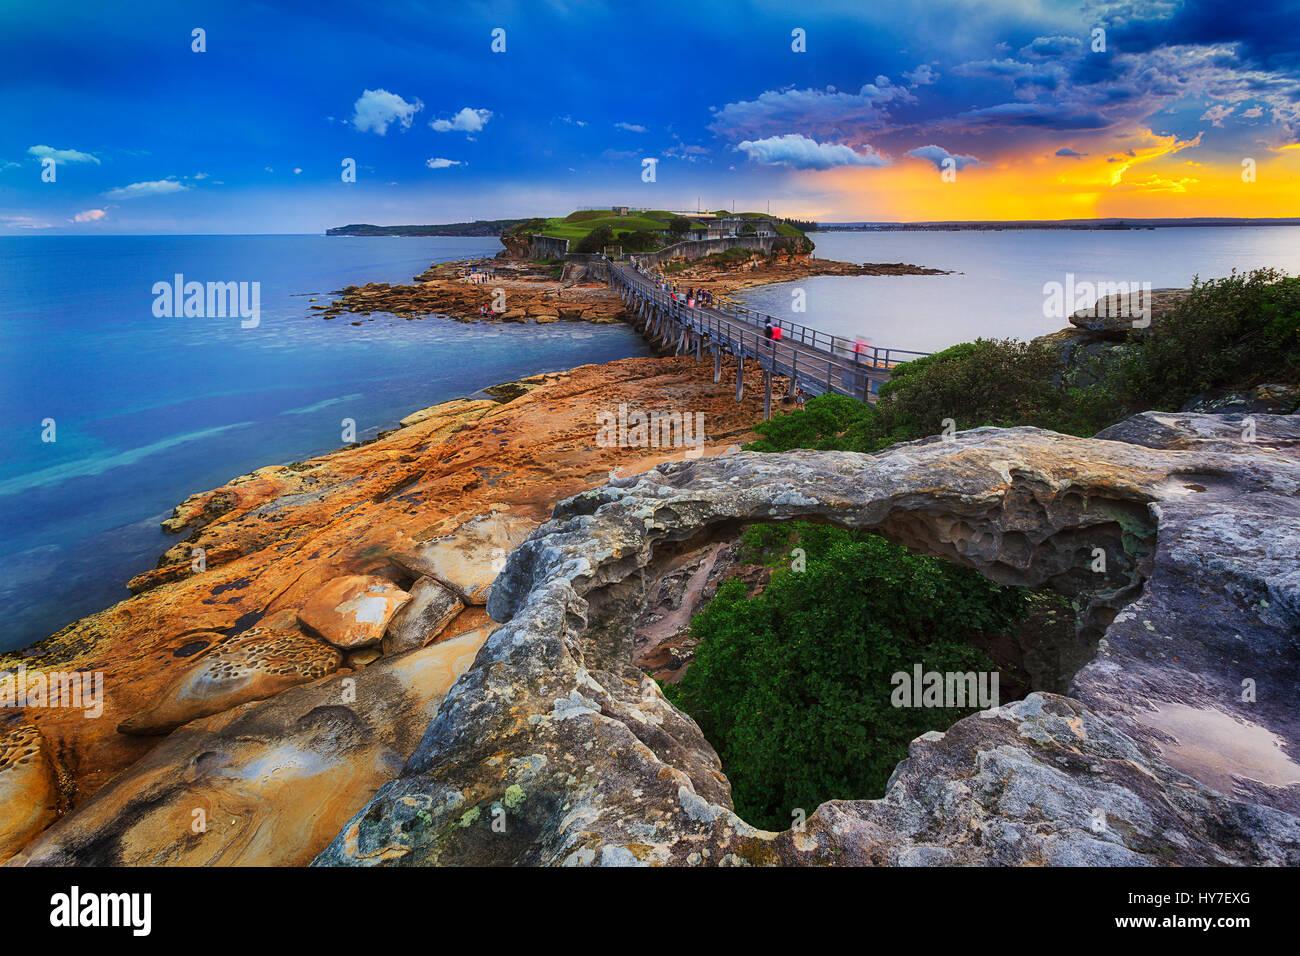 Farbenfrohen Sonnenuntergang über Zitadelle auf Bare Island in Sydneys Botany Bay Küstenregion. Stürmisches Stockbild